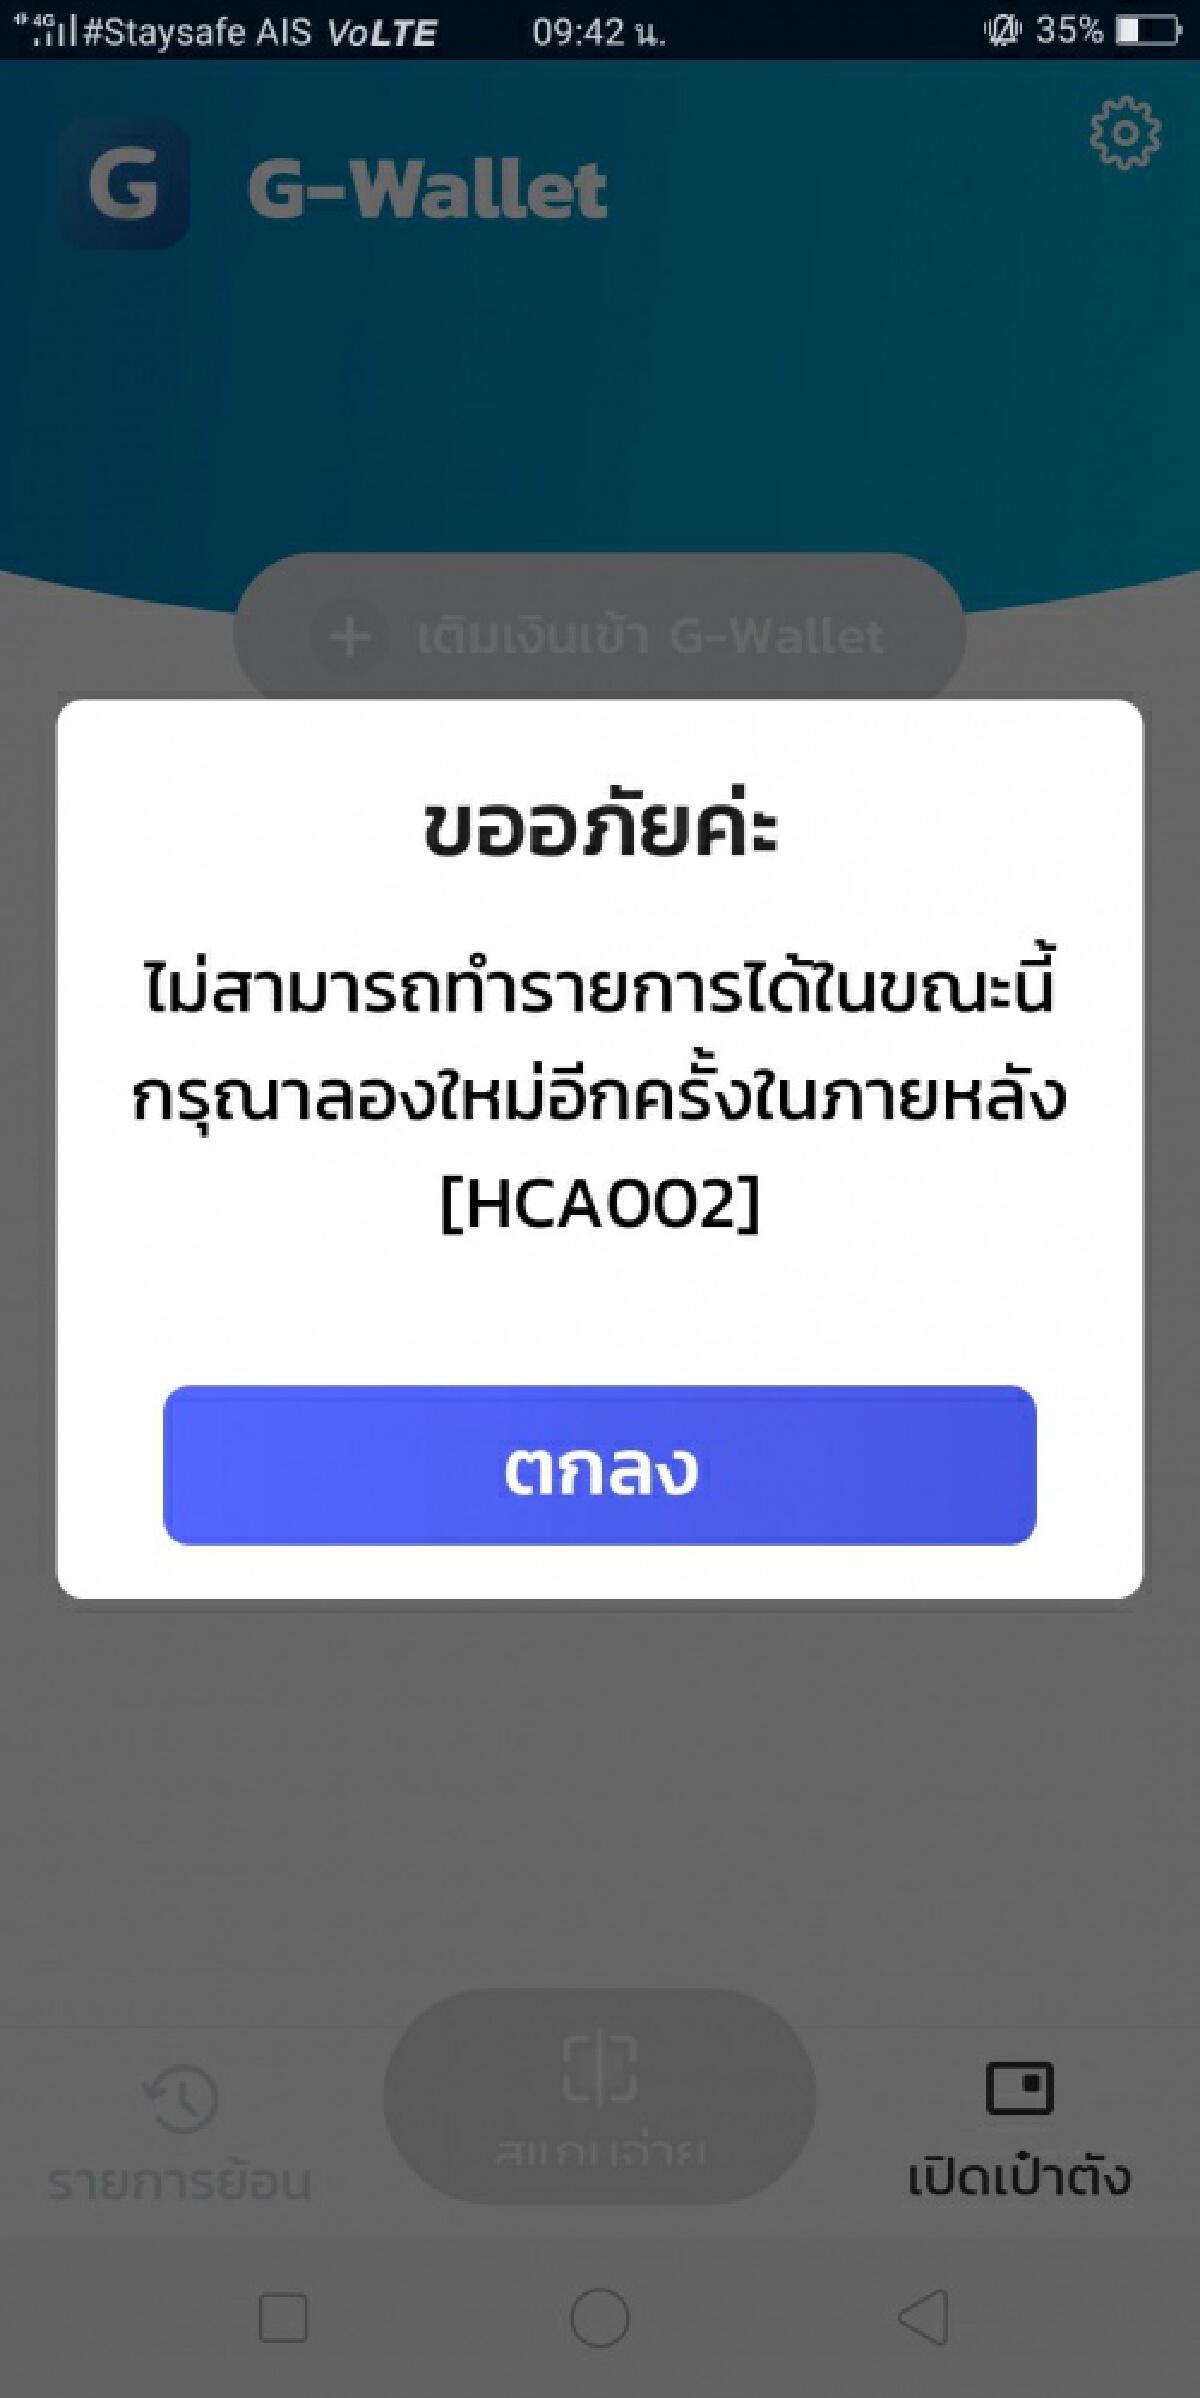 เป๋าตัง, กรุงไทย, คนละครึ่ง เฟส 3, Krungthai Care